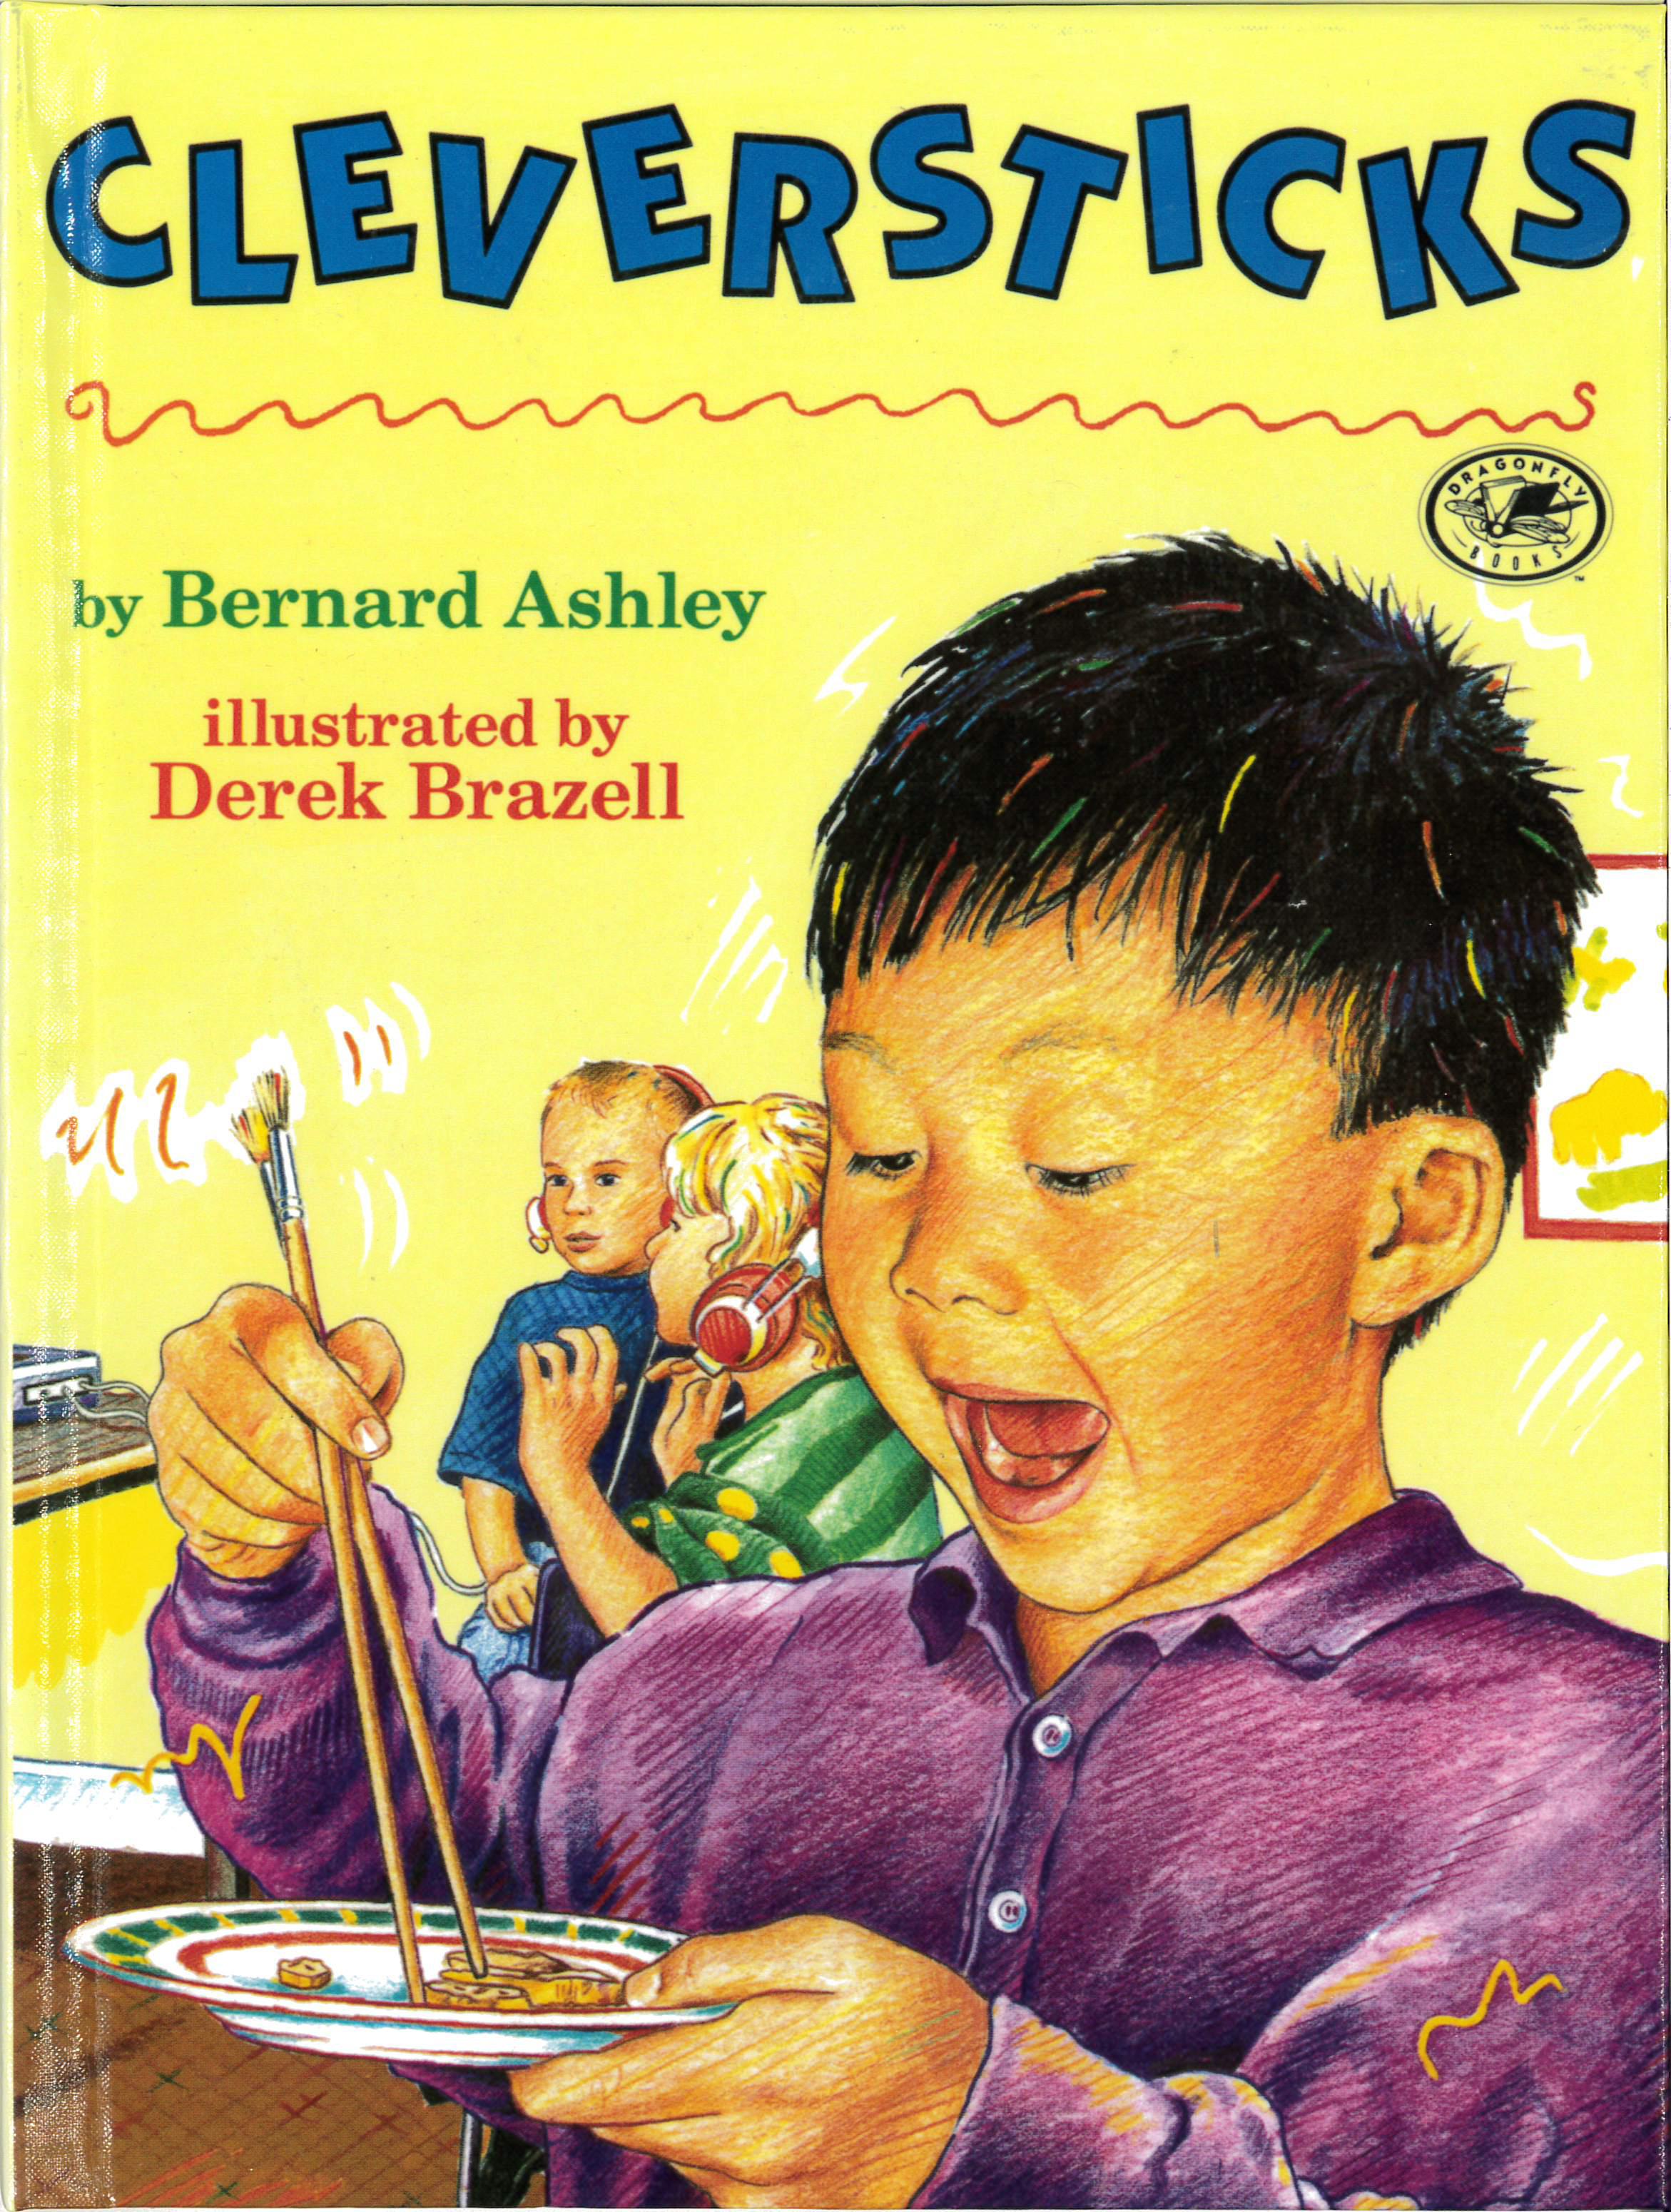 Pathways 2.0: Grade 1 Cleversticks Tradebook